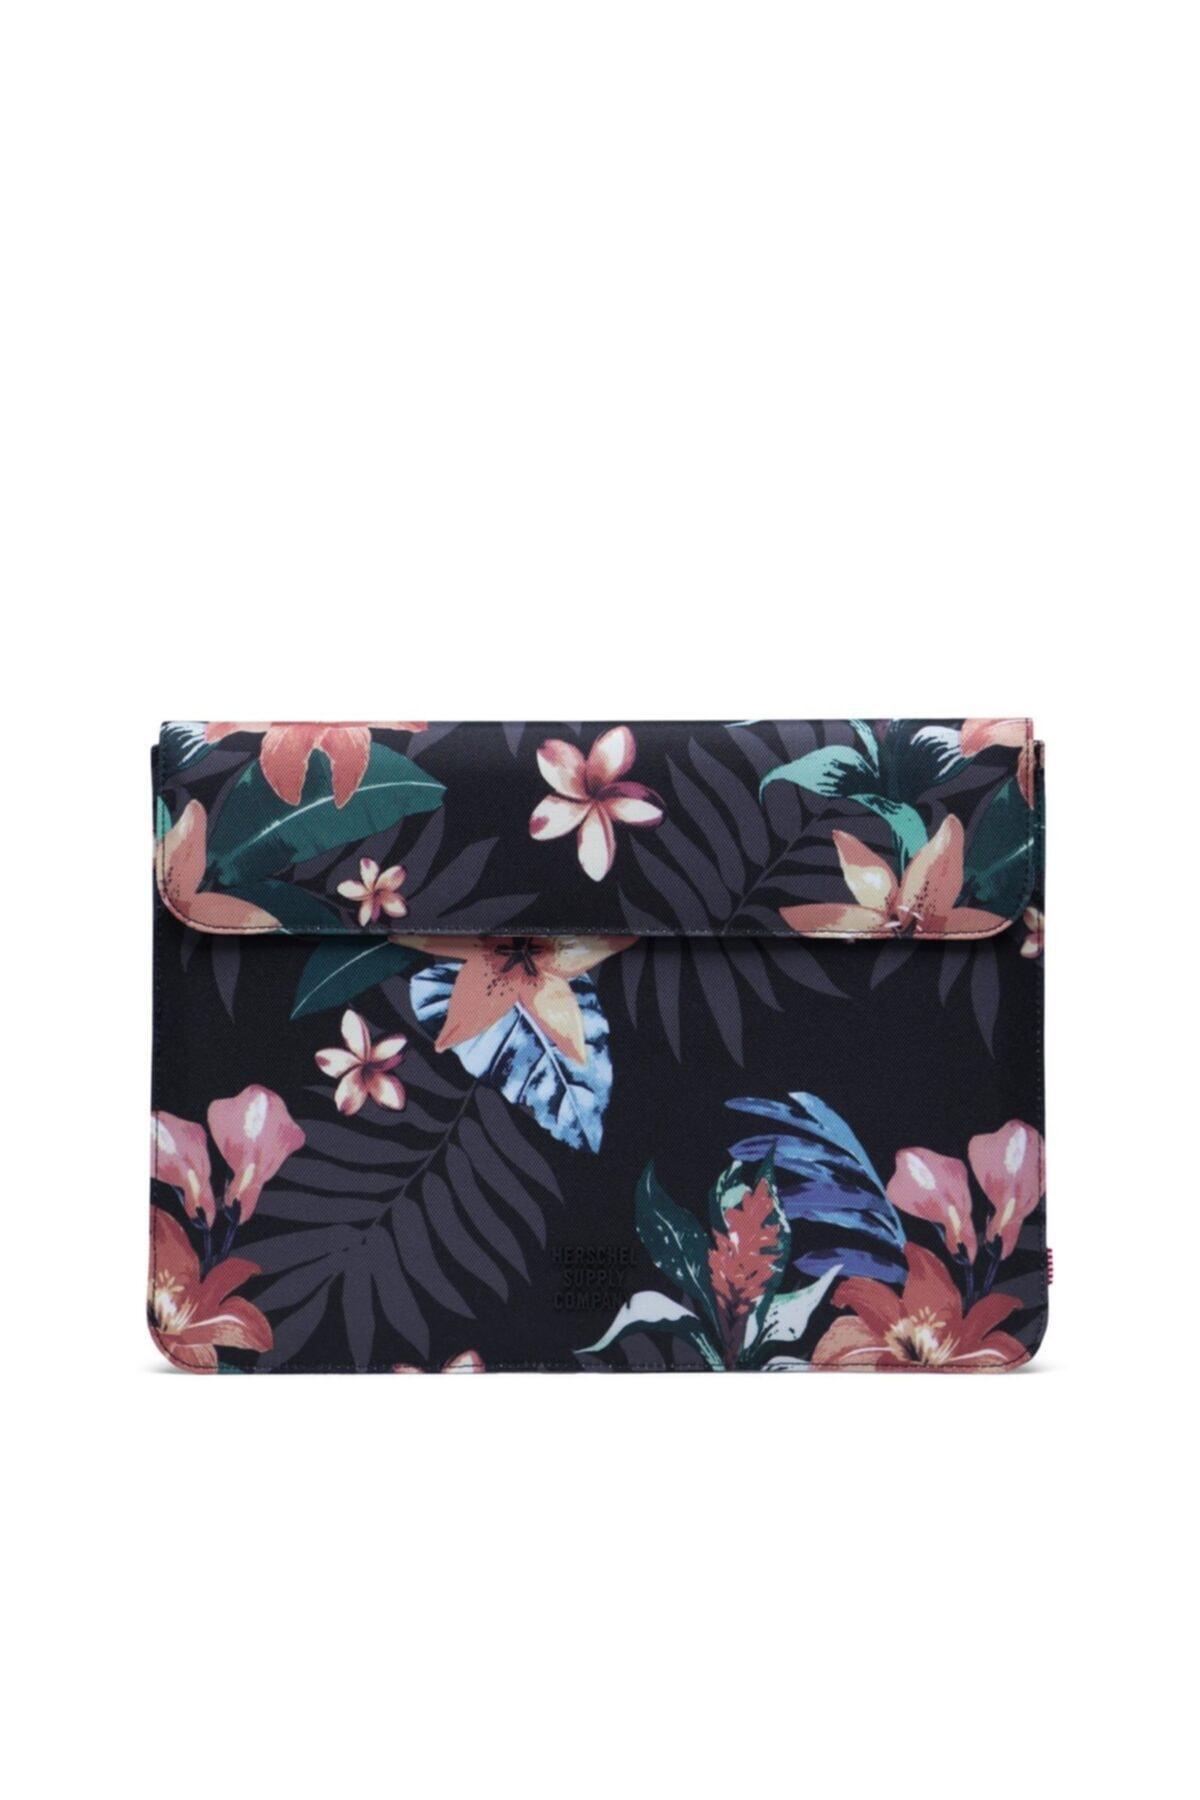 Herschel Supply Co. Herschel Supply Spokane Sleeve For New 13 Inch Macbook Summer Floral Black 1